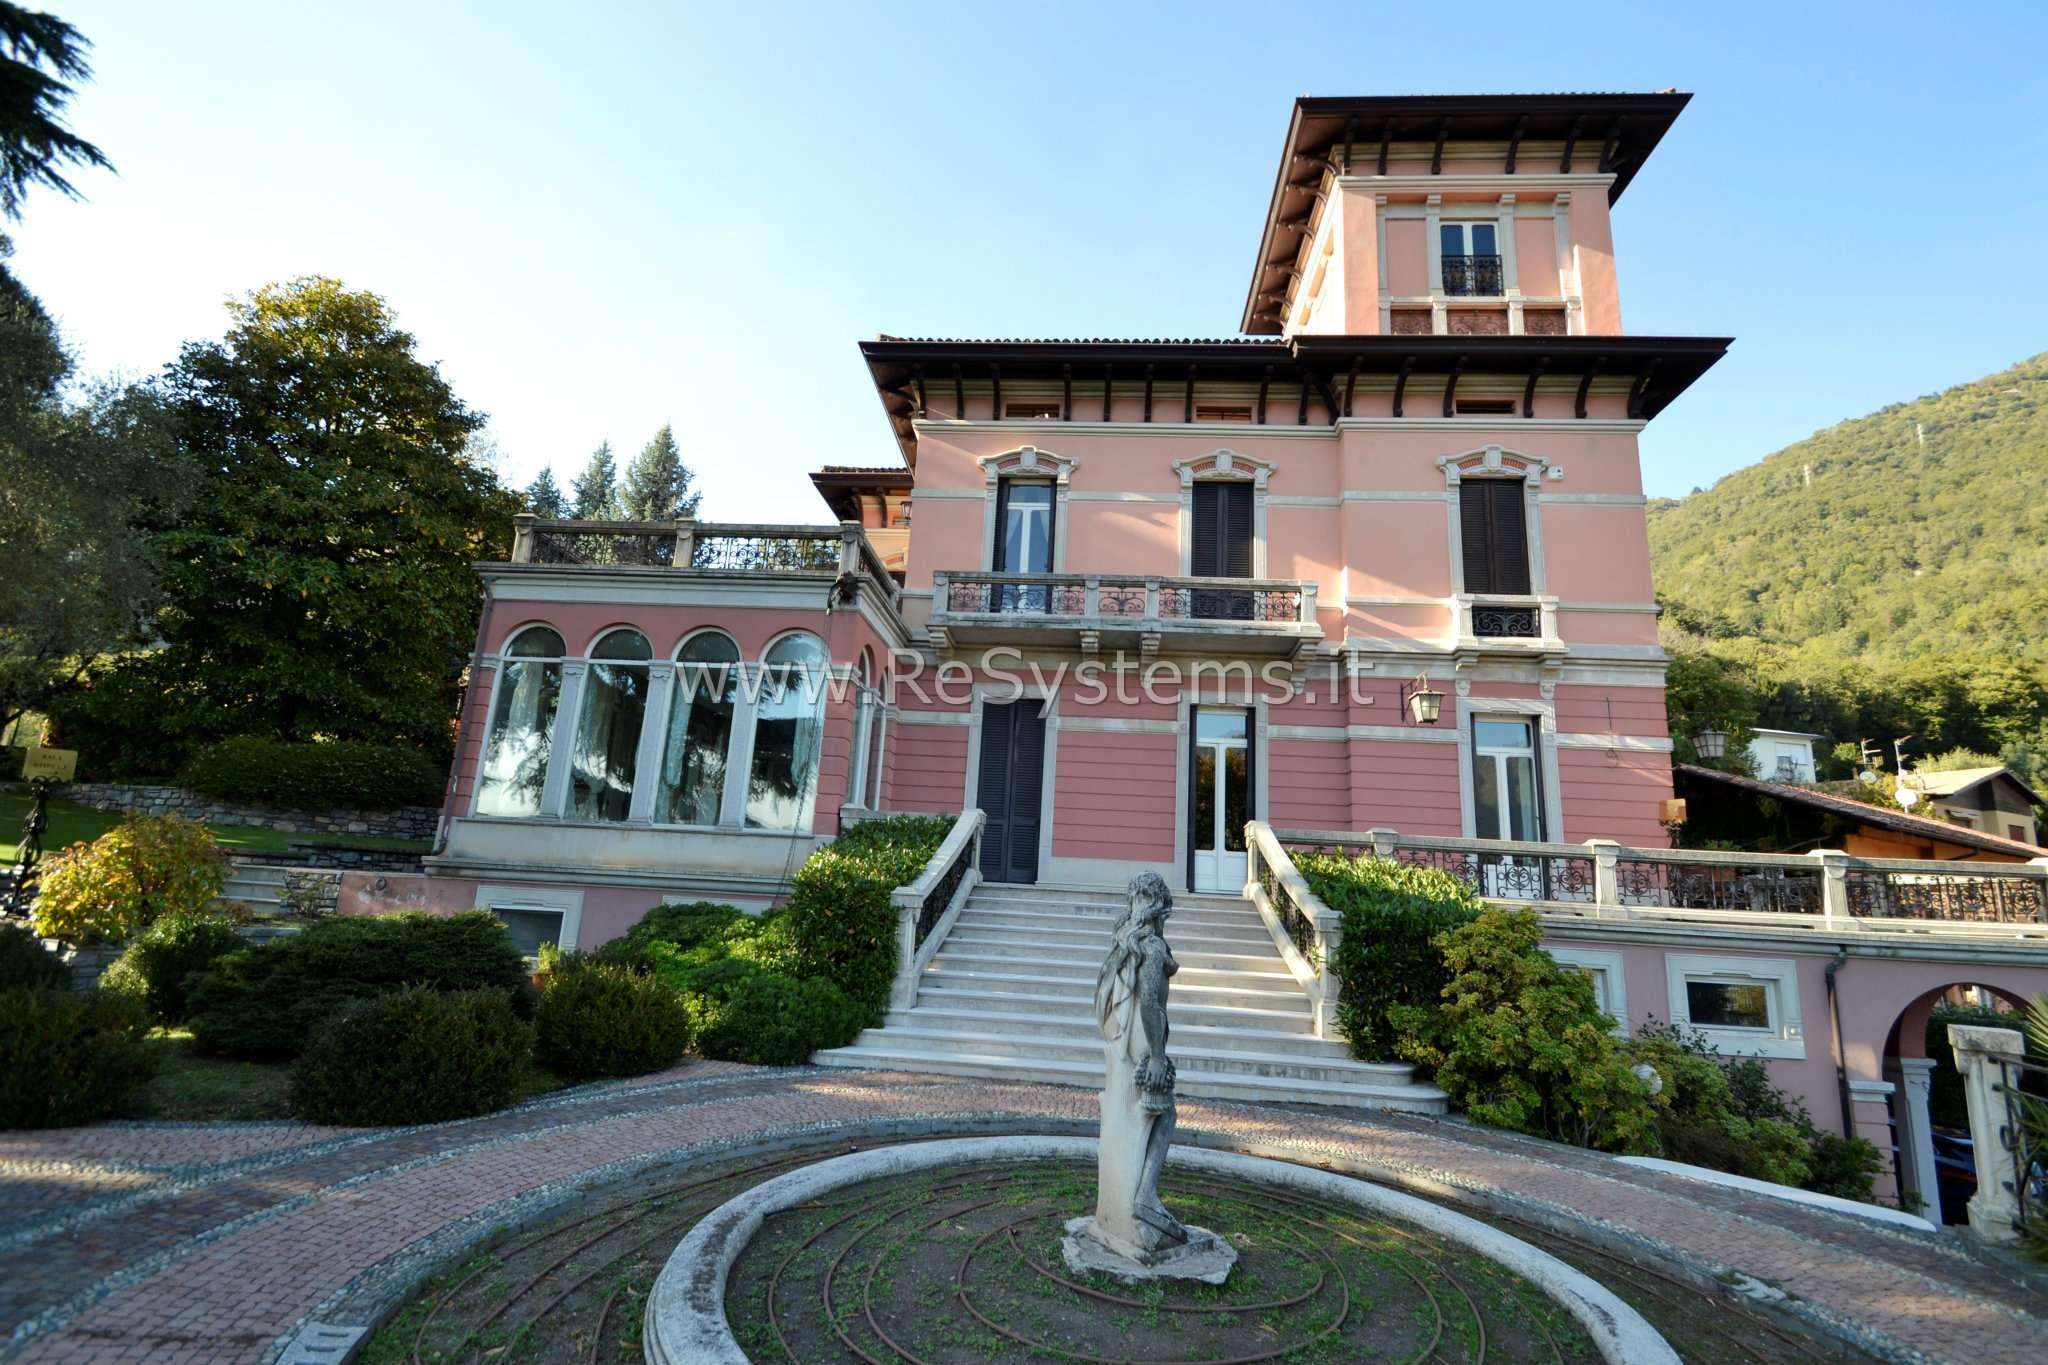 Villa in vendita a Cernobbio, 5 locali, prezzo € 9.500.000 | CambioCasa.it